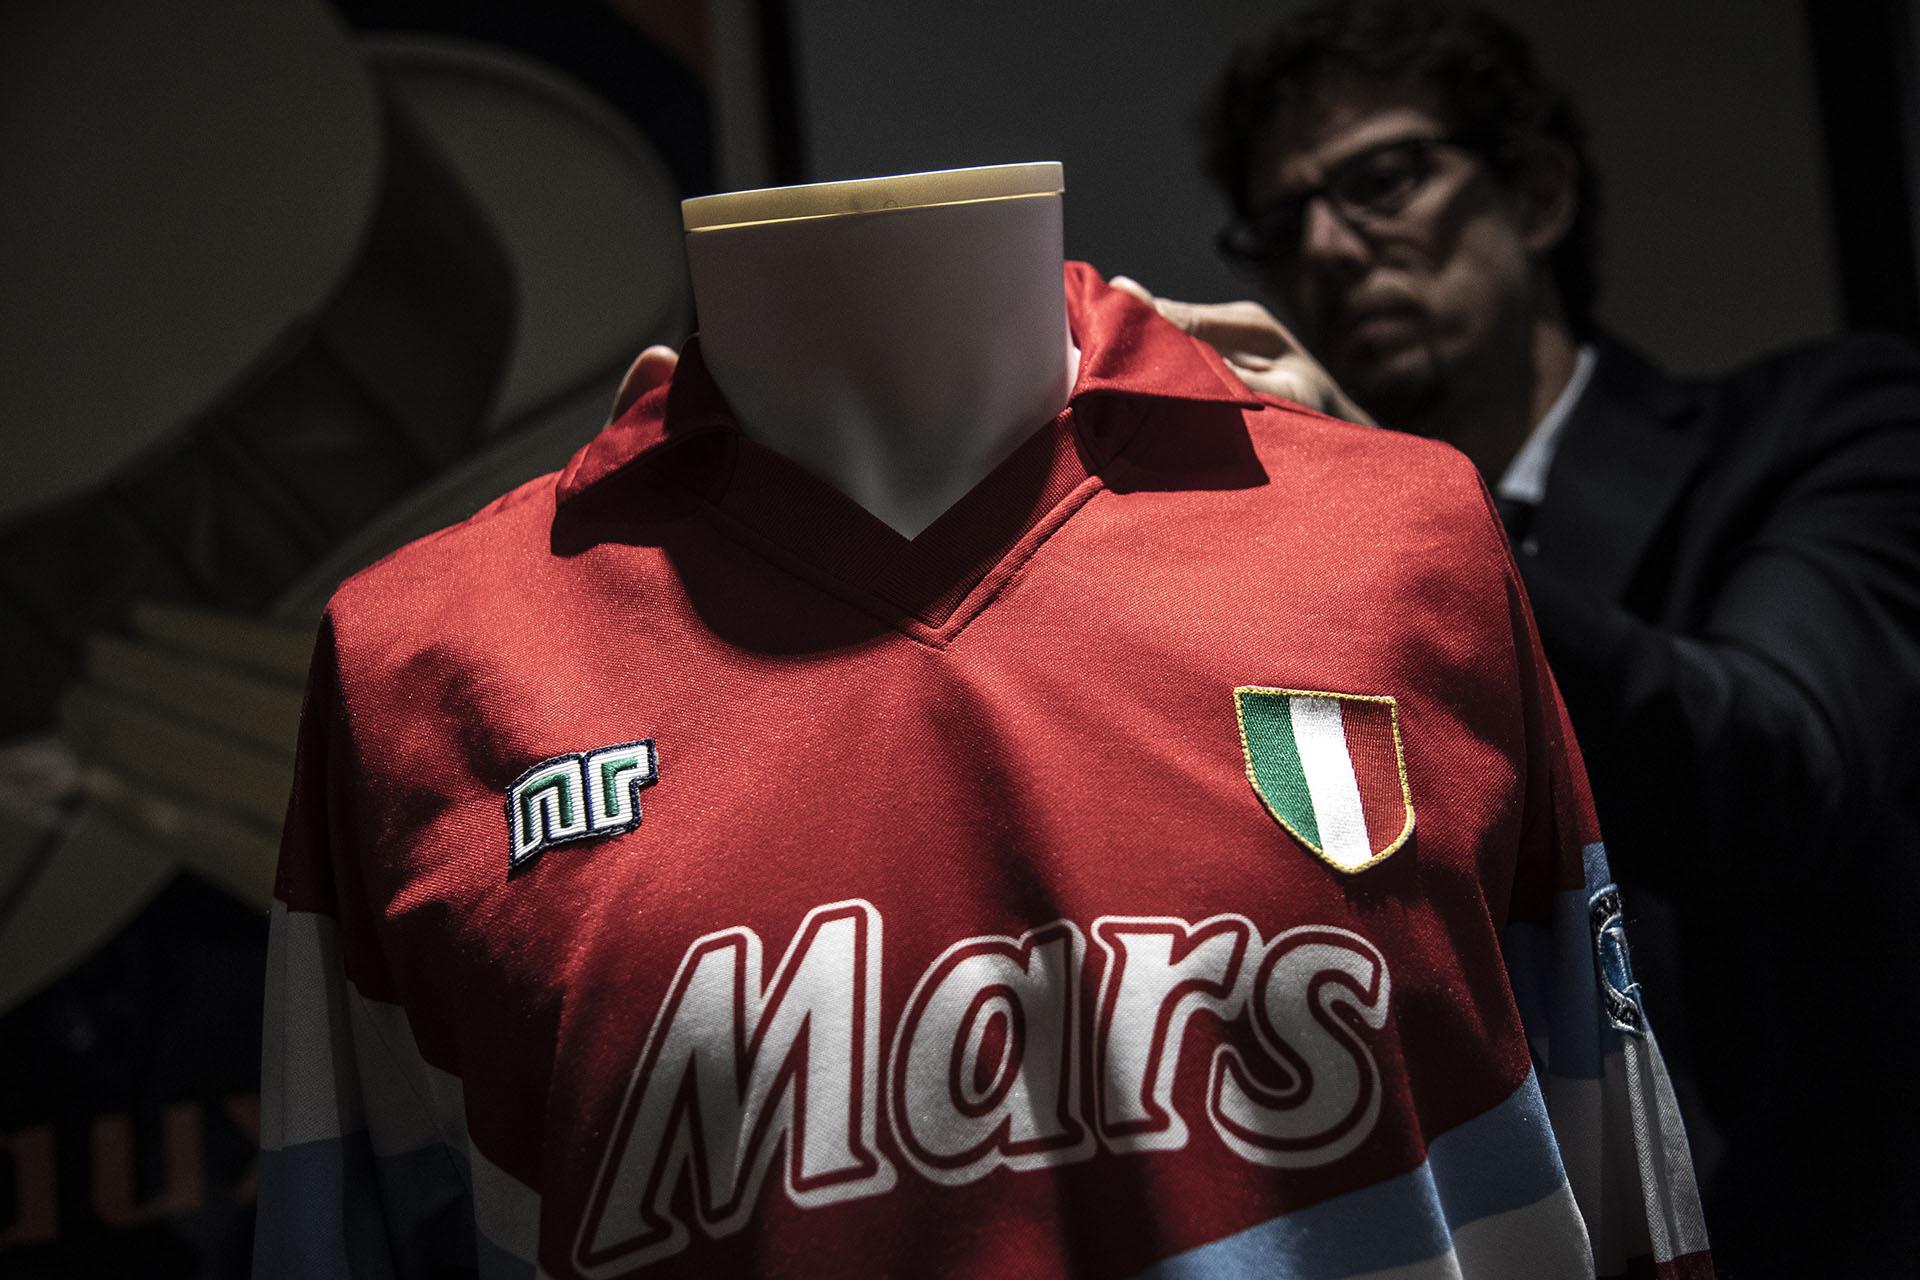 Con la misma marca y otra publicidad, la napolitana luce intacta (Photo by MARCO BERTORELLO / AFP)